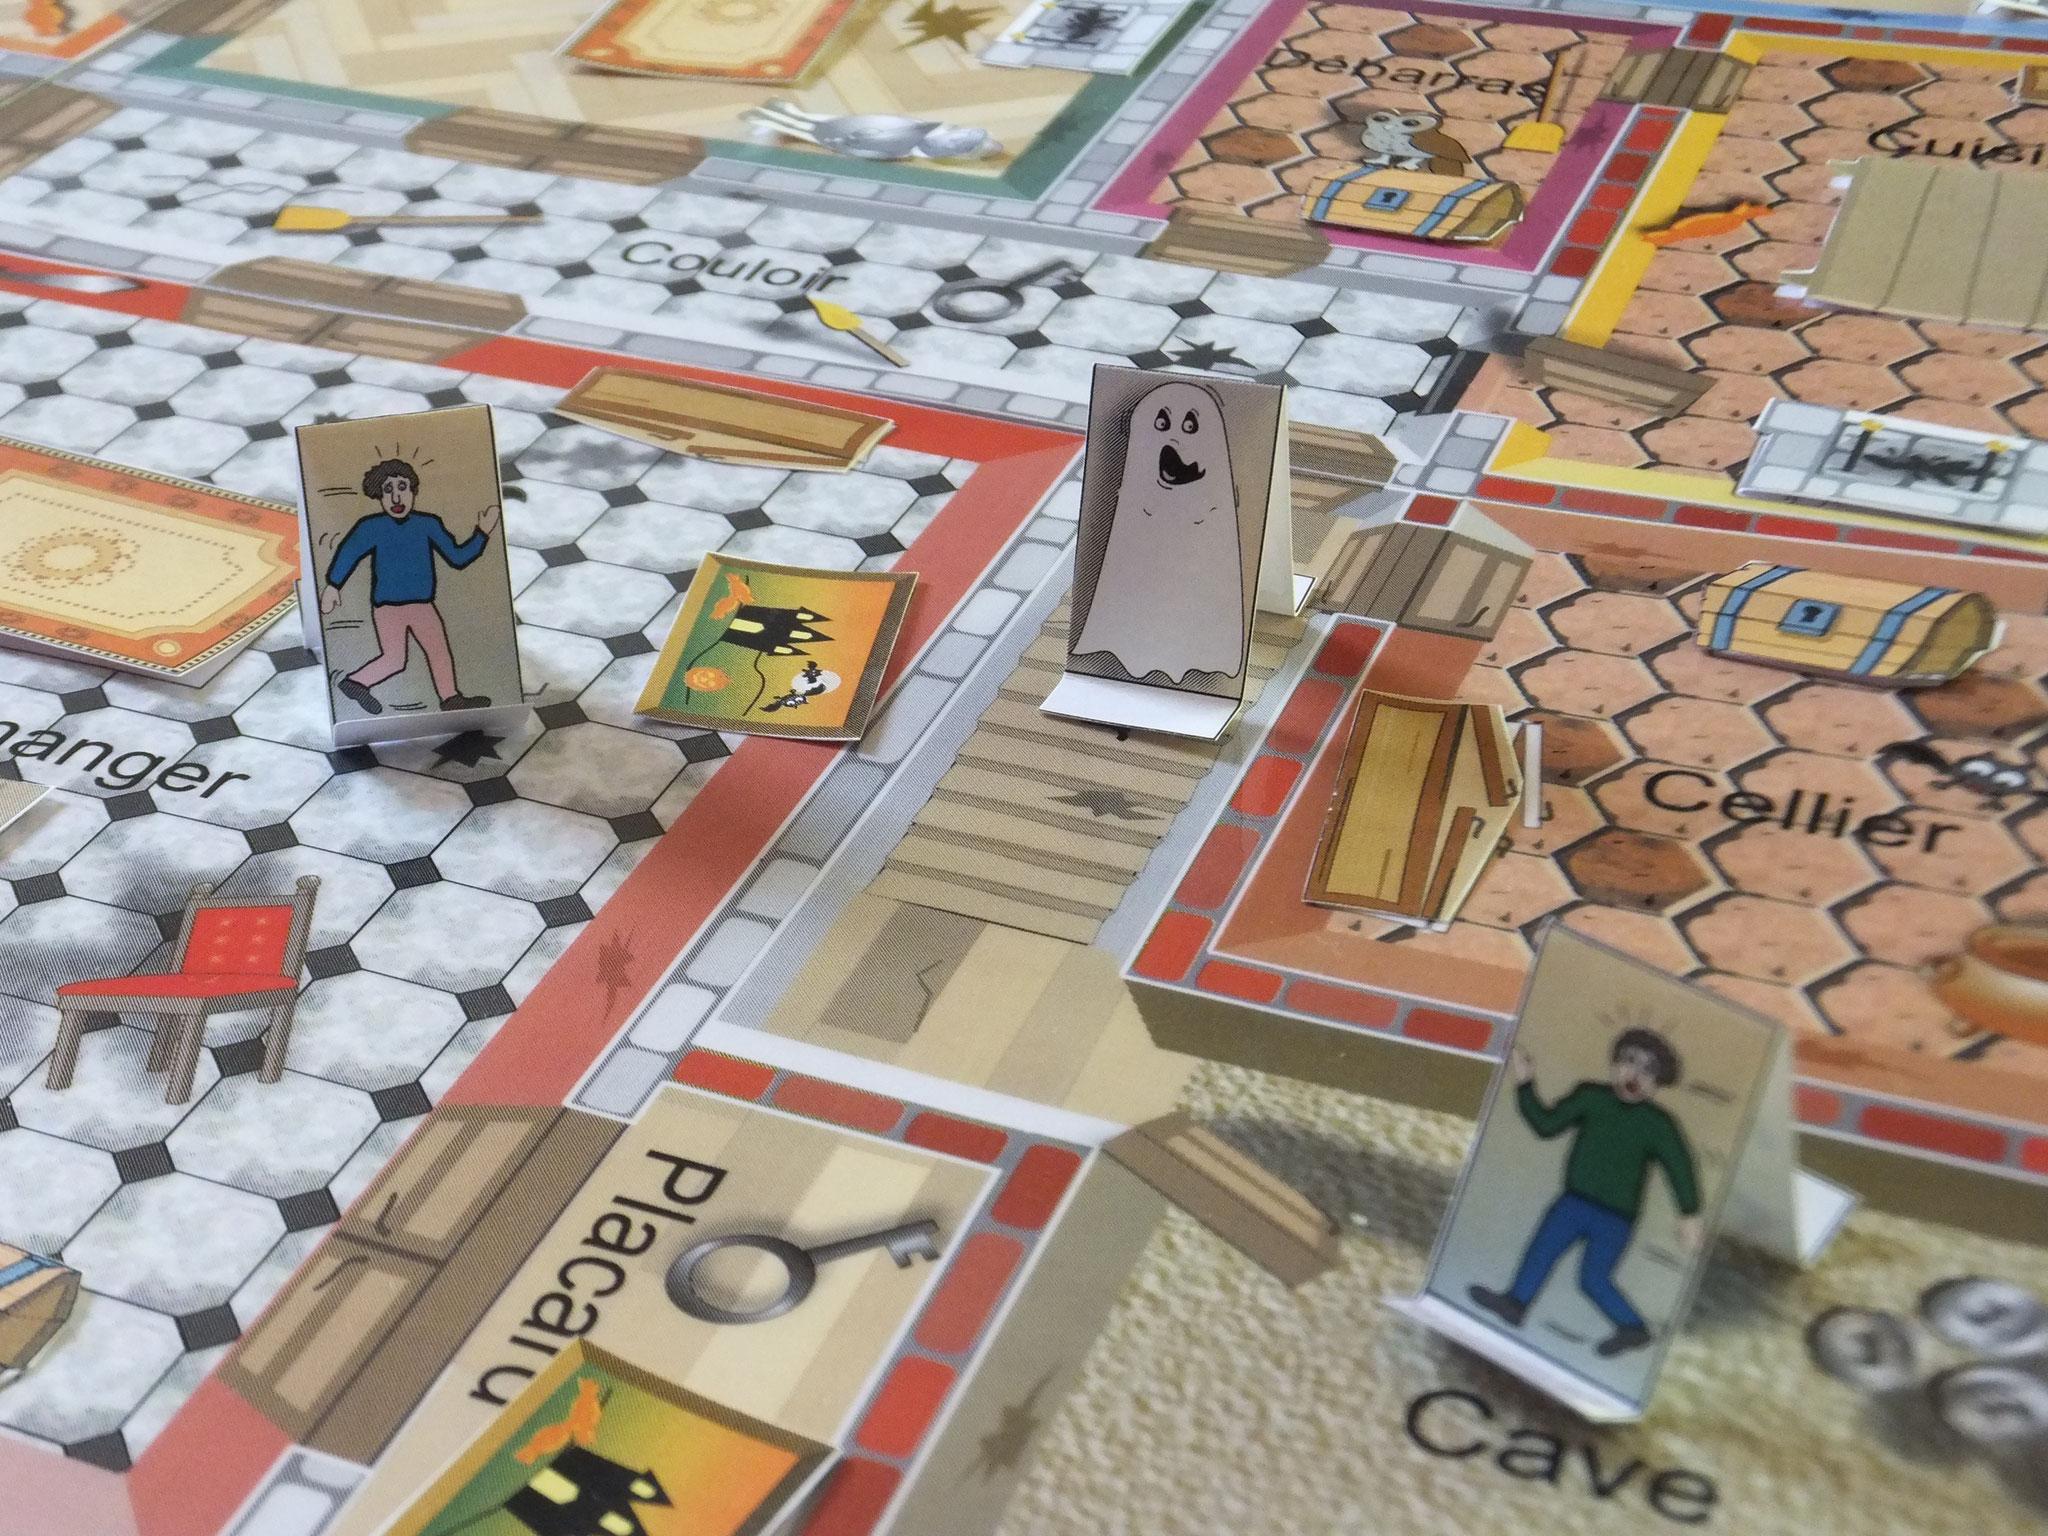 Jeux A Imprimer Pour Enfants Famille Ludiques Educatifs Dragono Fr